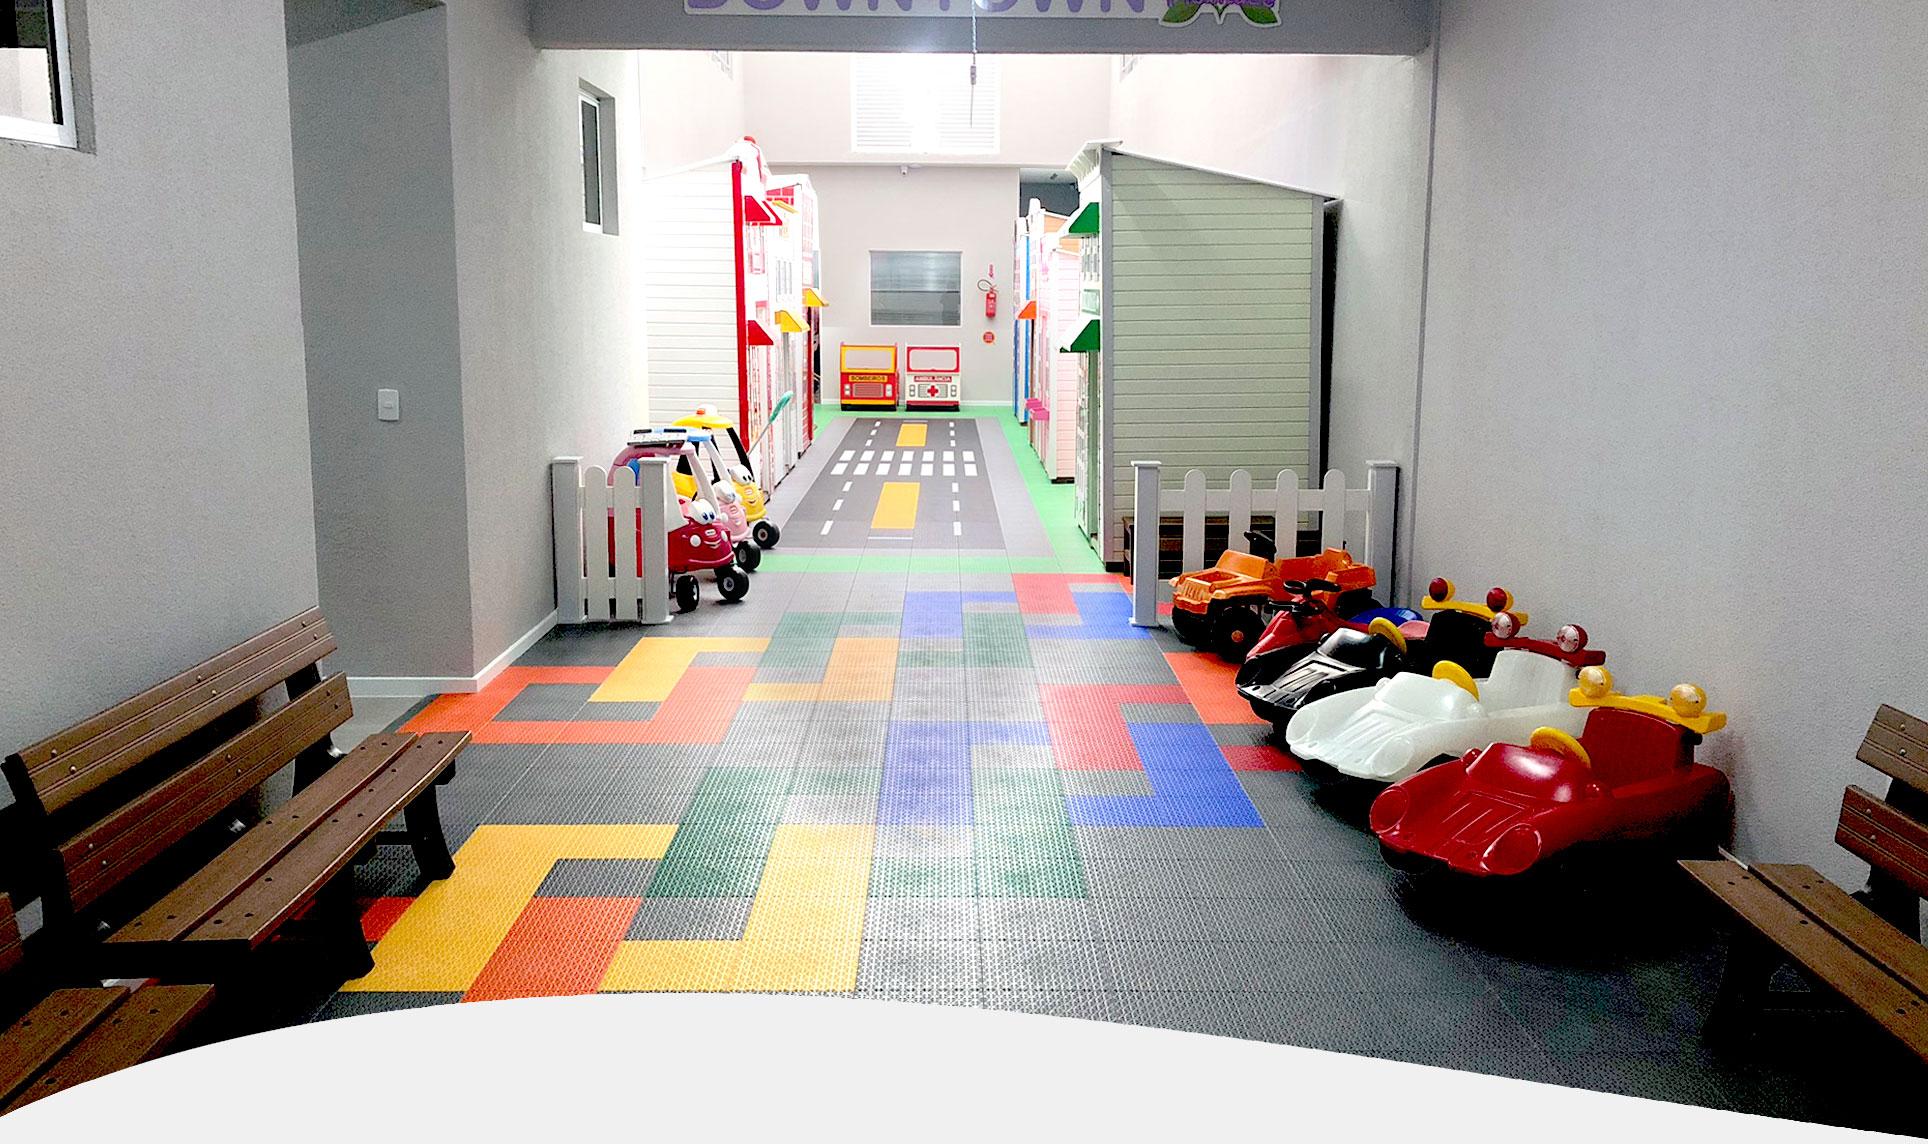 Centro Educacional Plenitude - Diferenciais